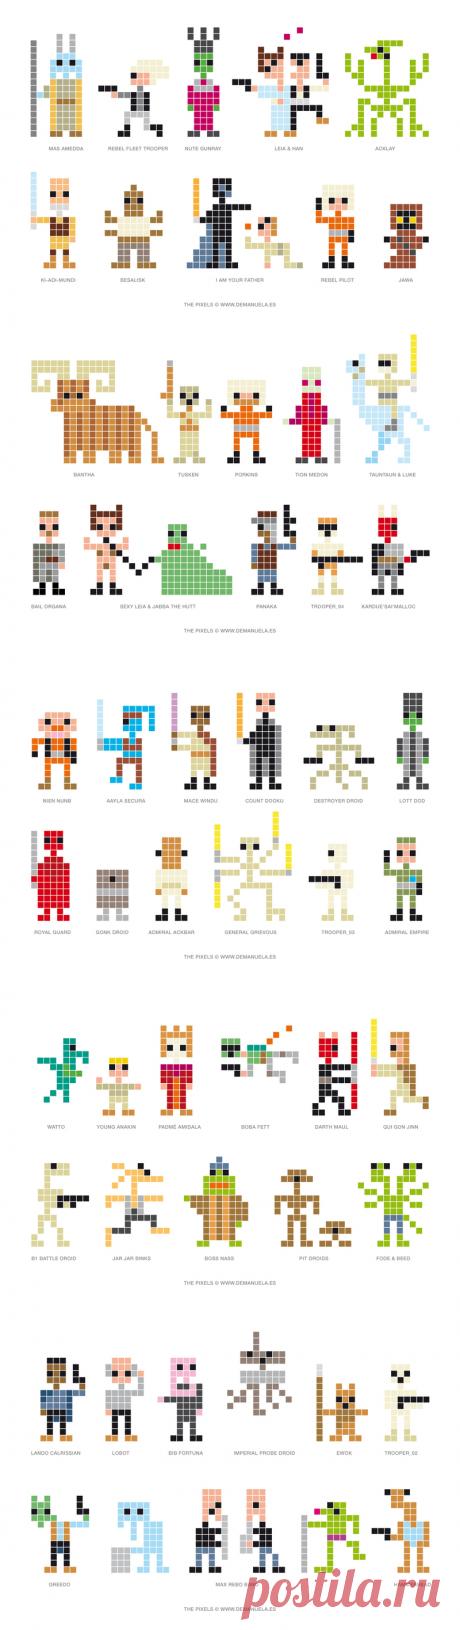 demanuela comunicación visual - Star Wars Pixels